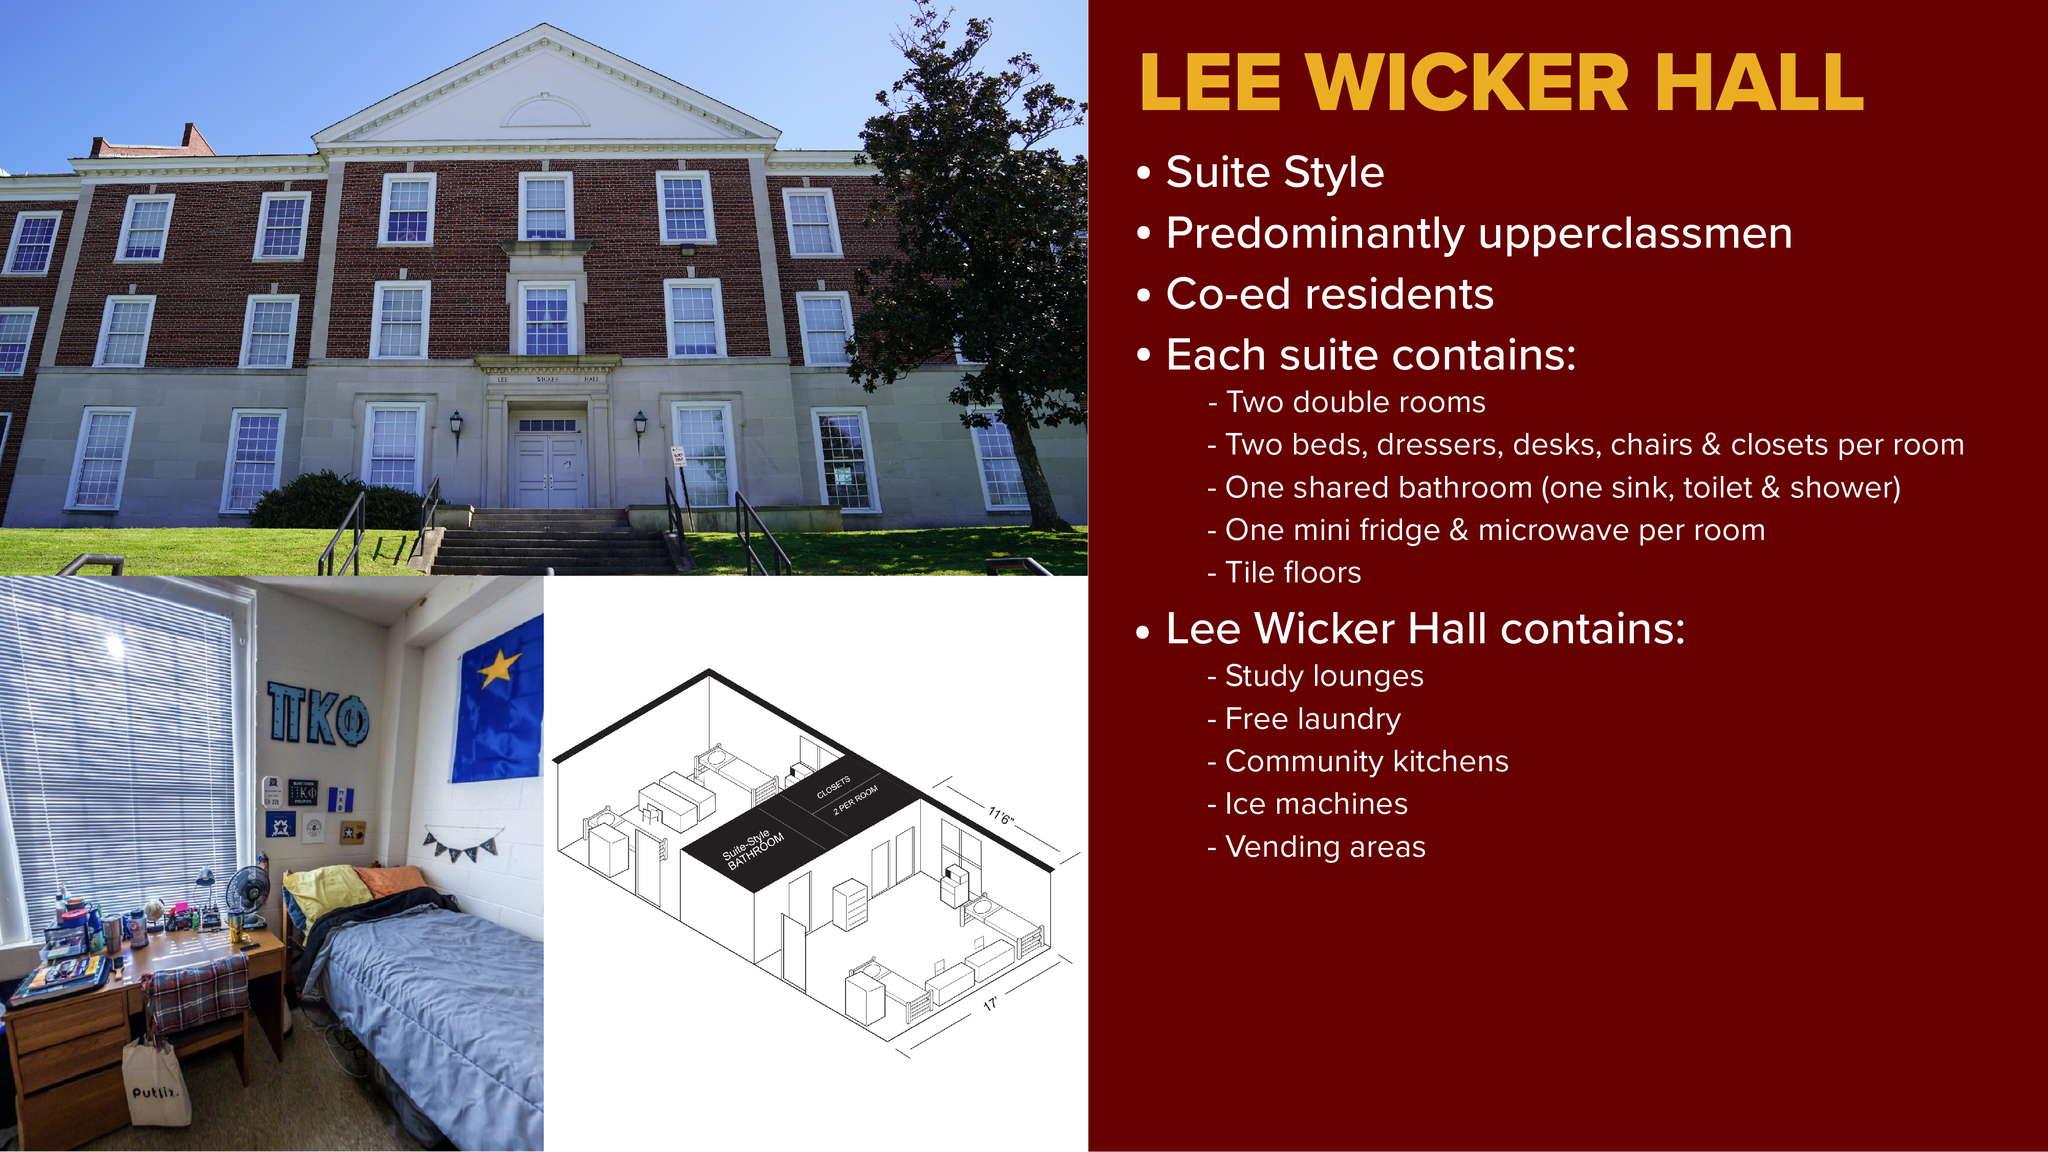 VWD_-_Residence_Hall_GFX_Lee_Wicker